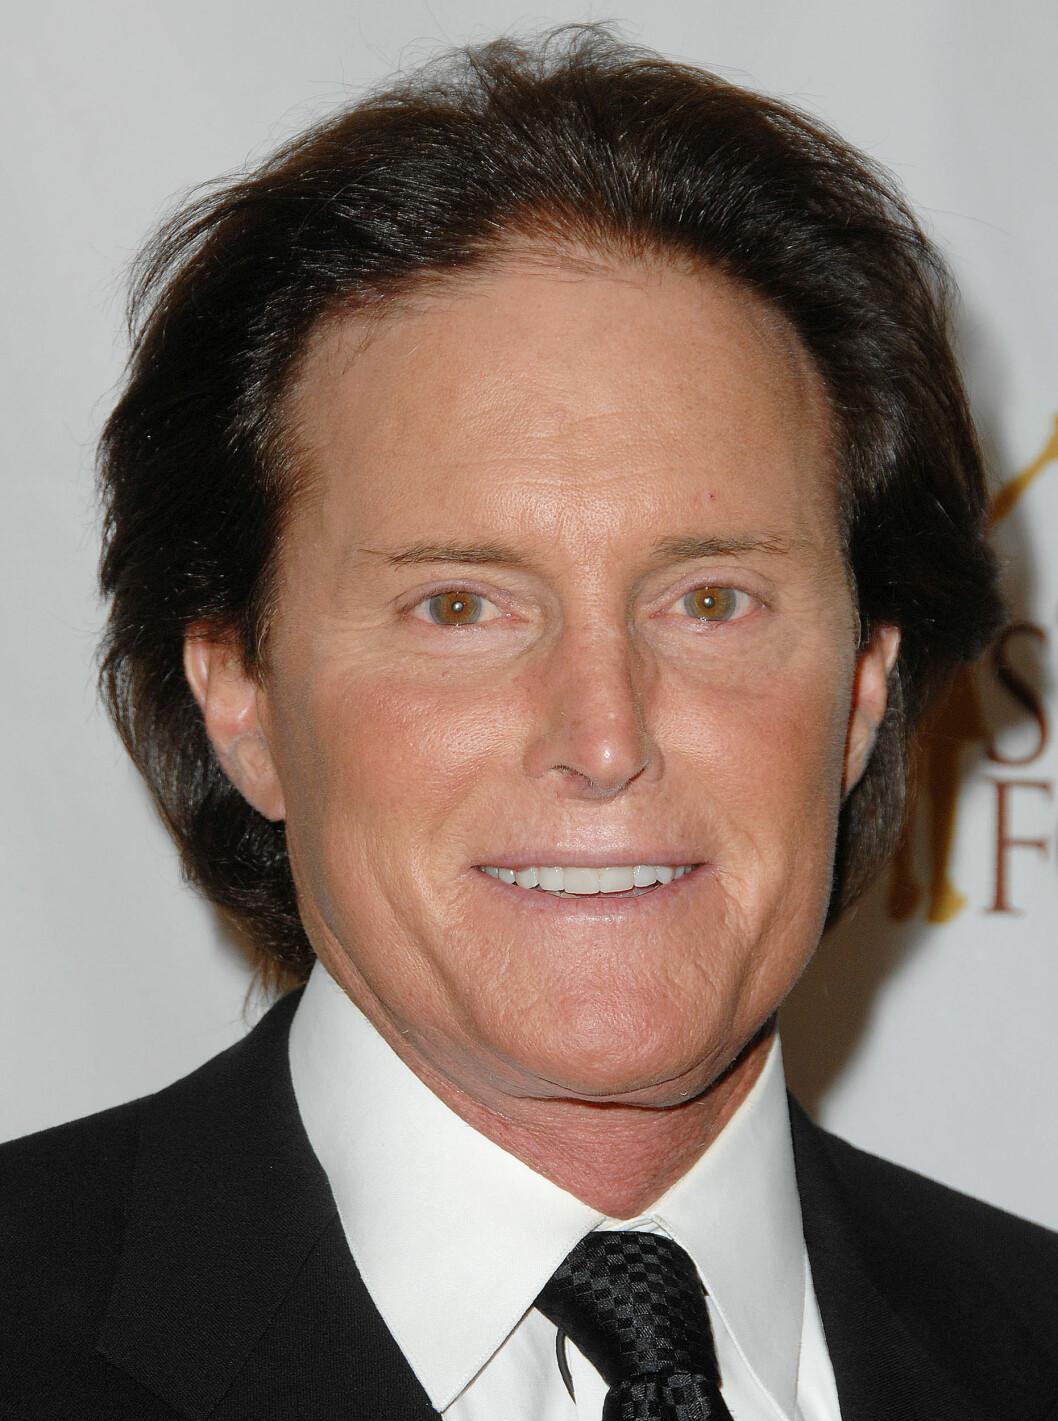 MEDIEOMTALT: Jenners ansiktsoperasjoner ble tidlig mye omtalt i media. Foto: Broadimage